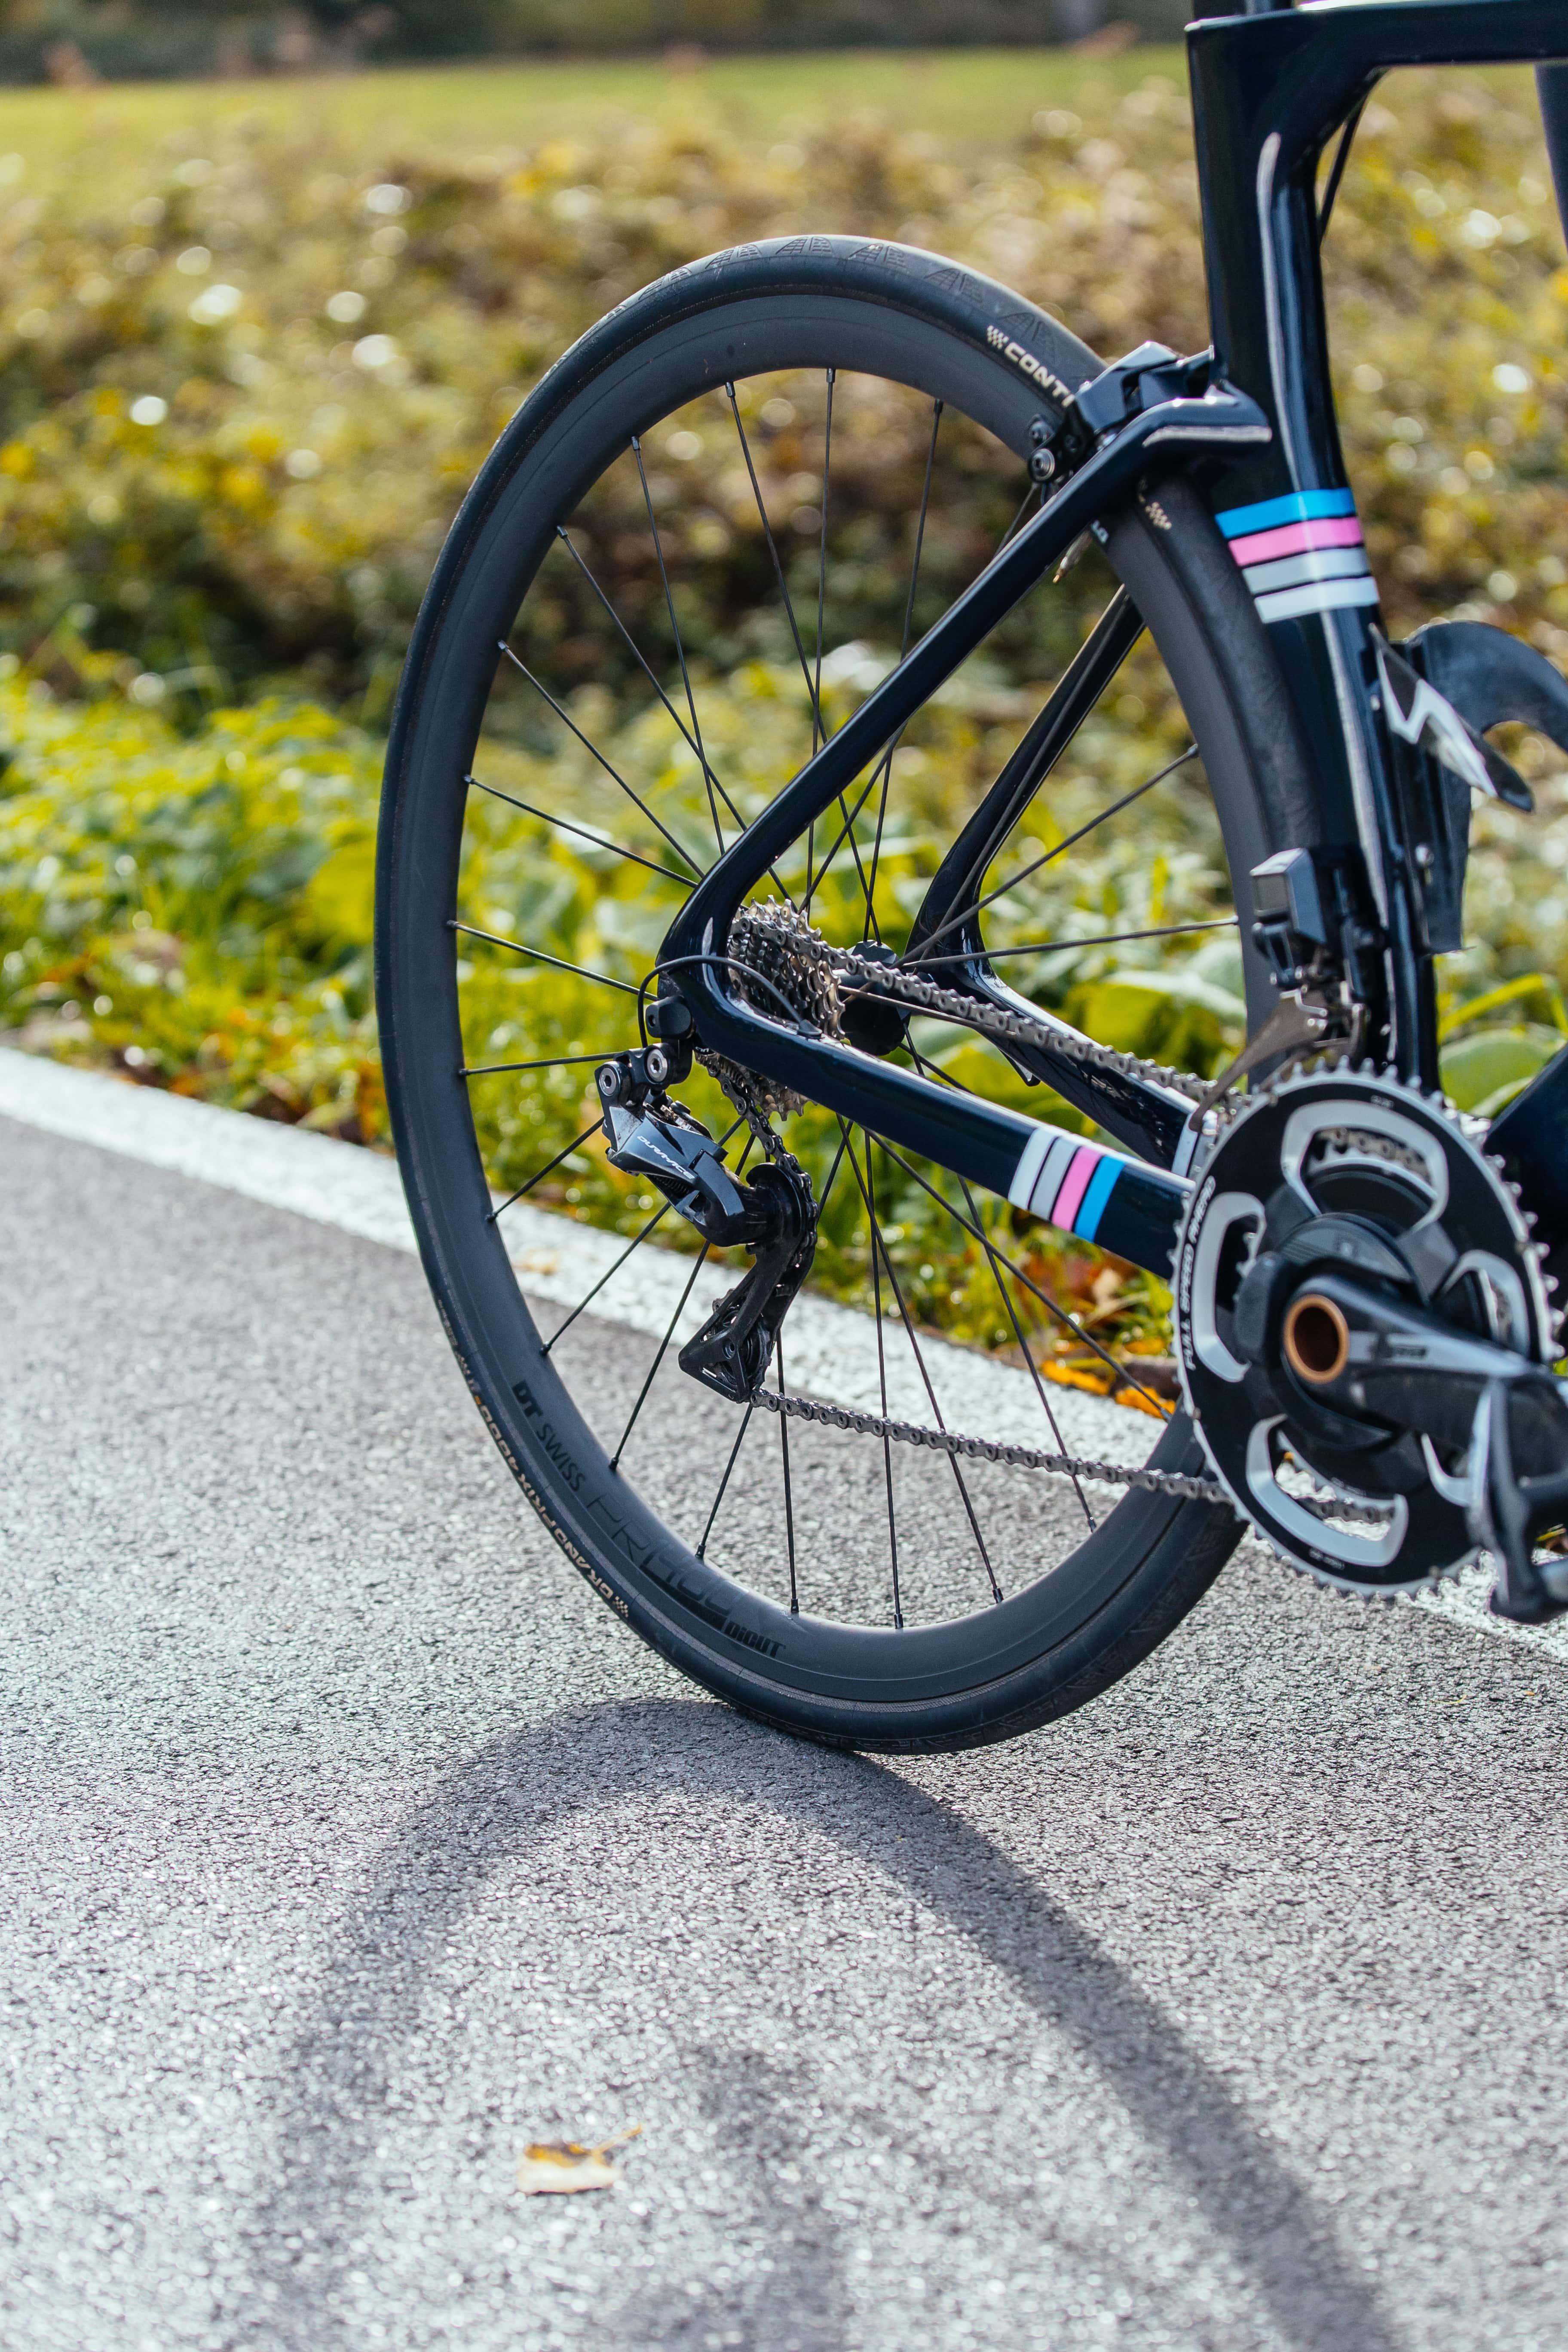 Prorace fiets met eigen design